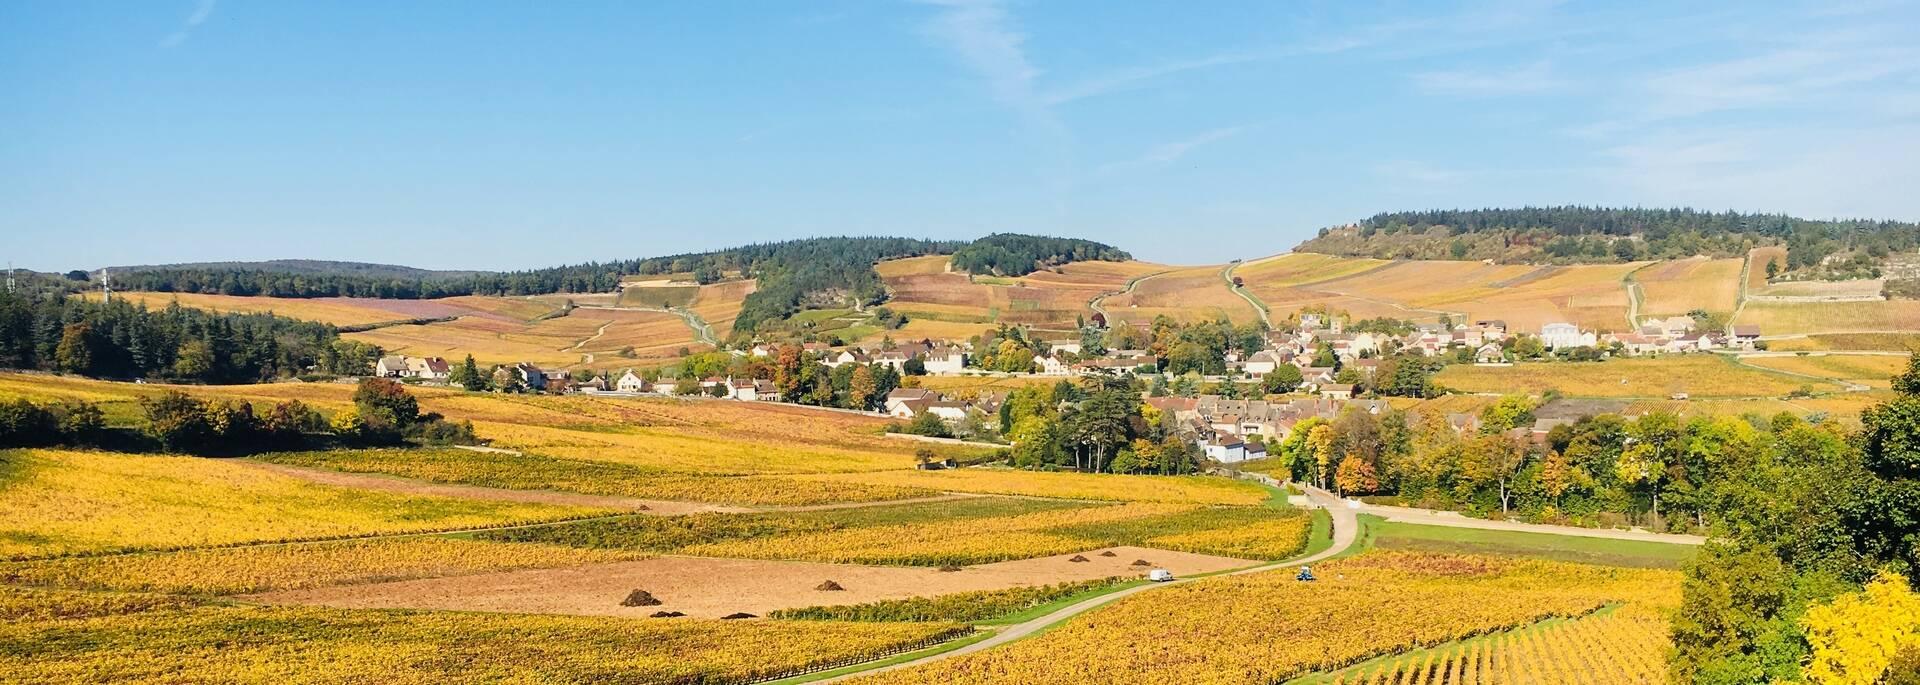 Paysages viticoles de Mercurey en Côte Chalonnaise